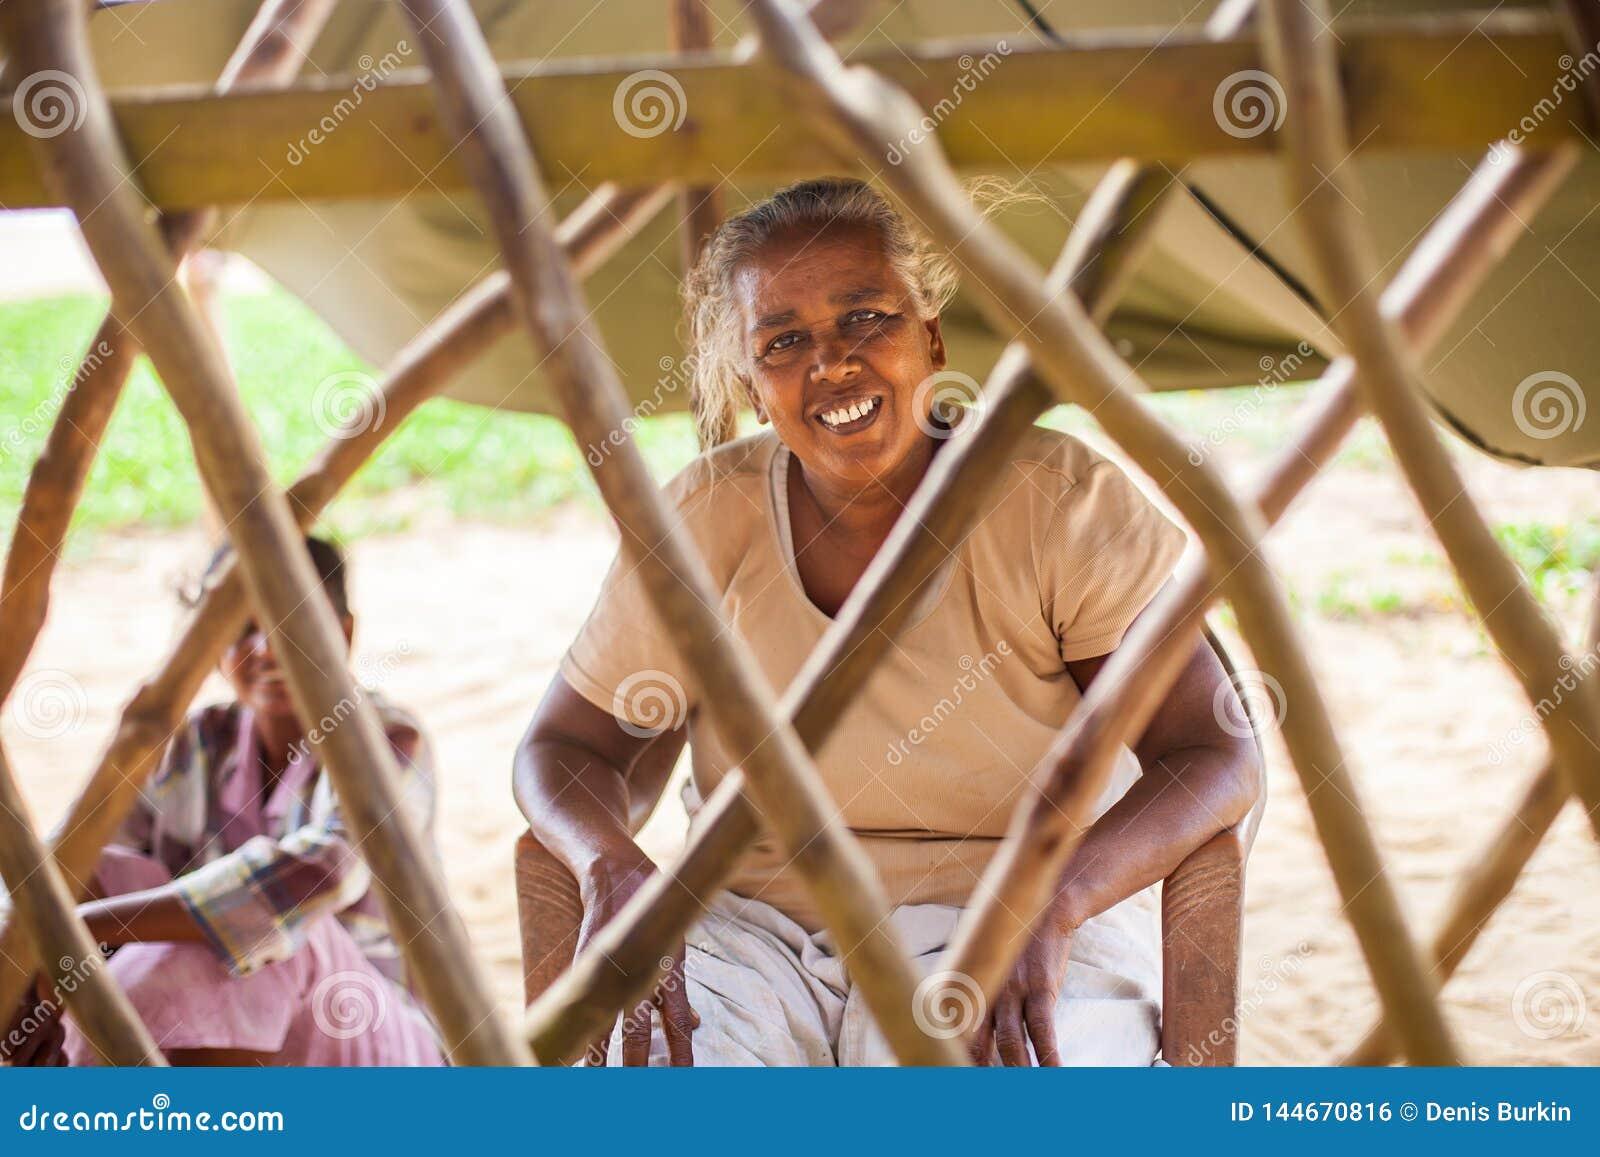 Retrato de uma mulher indiana pobre, idosa atrás de uma cerca sob a forma de uma estrutura